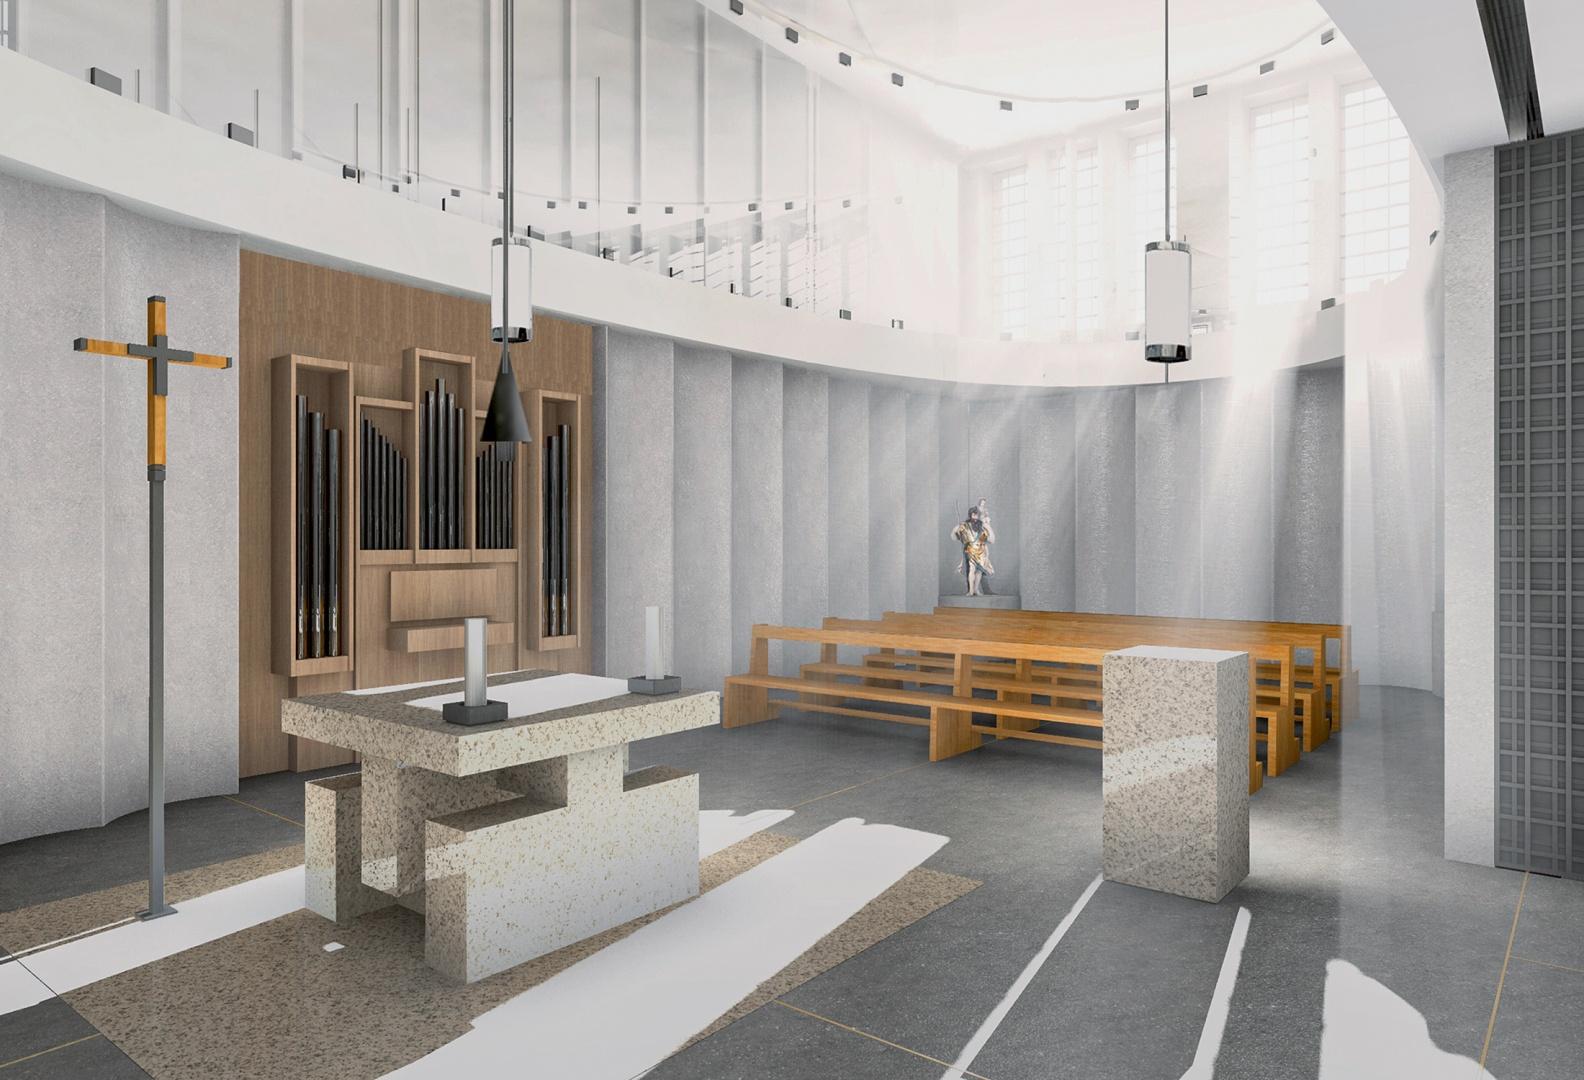 Blick in die Werktagskapelle,  die oval geformt ist. Der Altar besteht aus Jura-Kalkstein-Elementen eines ehemaligen Lettners. Das Licht für die Kapelle wird auf der Ost- bzw. Westseite eingefangen und  über Oberlichtfenster ins  Innere gestreut.  © Lorenz Architekten